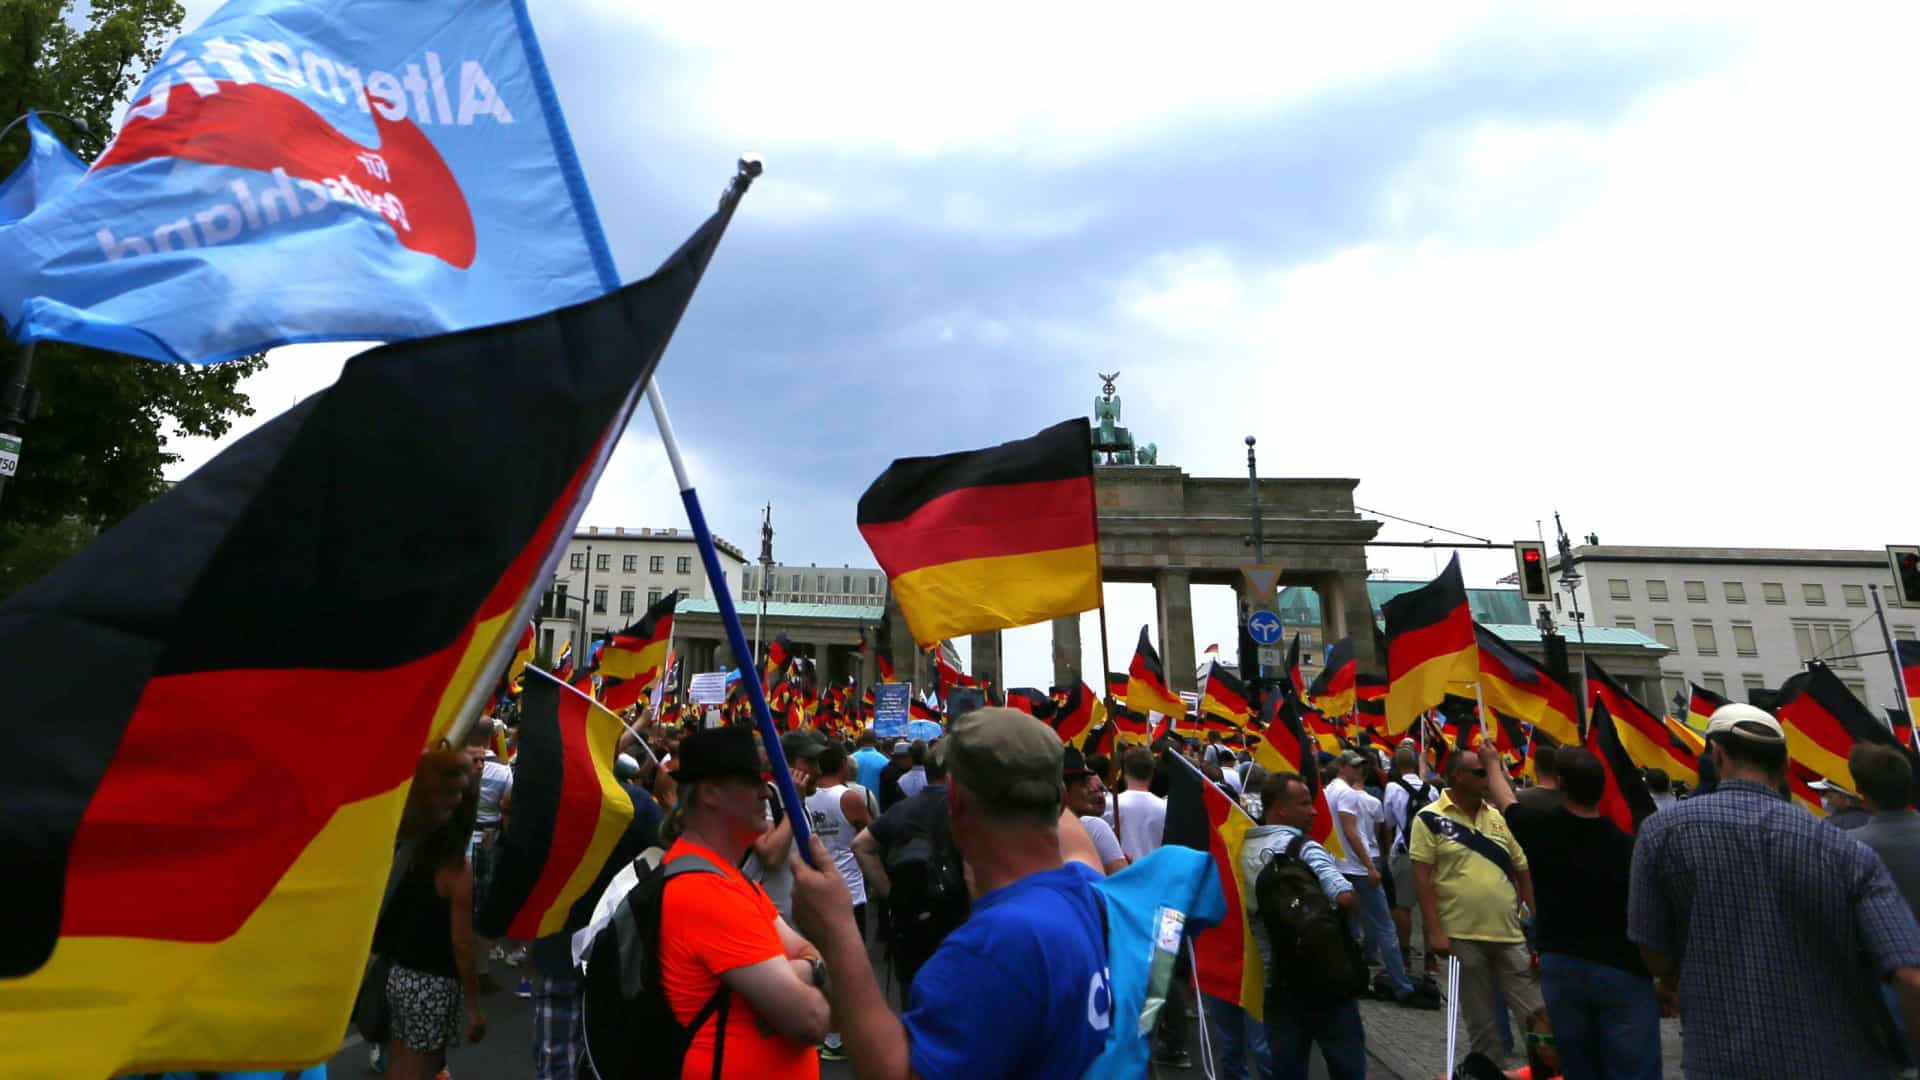 Confrontos em manifestação da extrema direita em Berlim